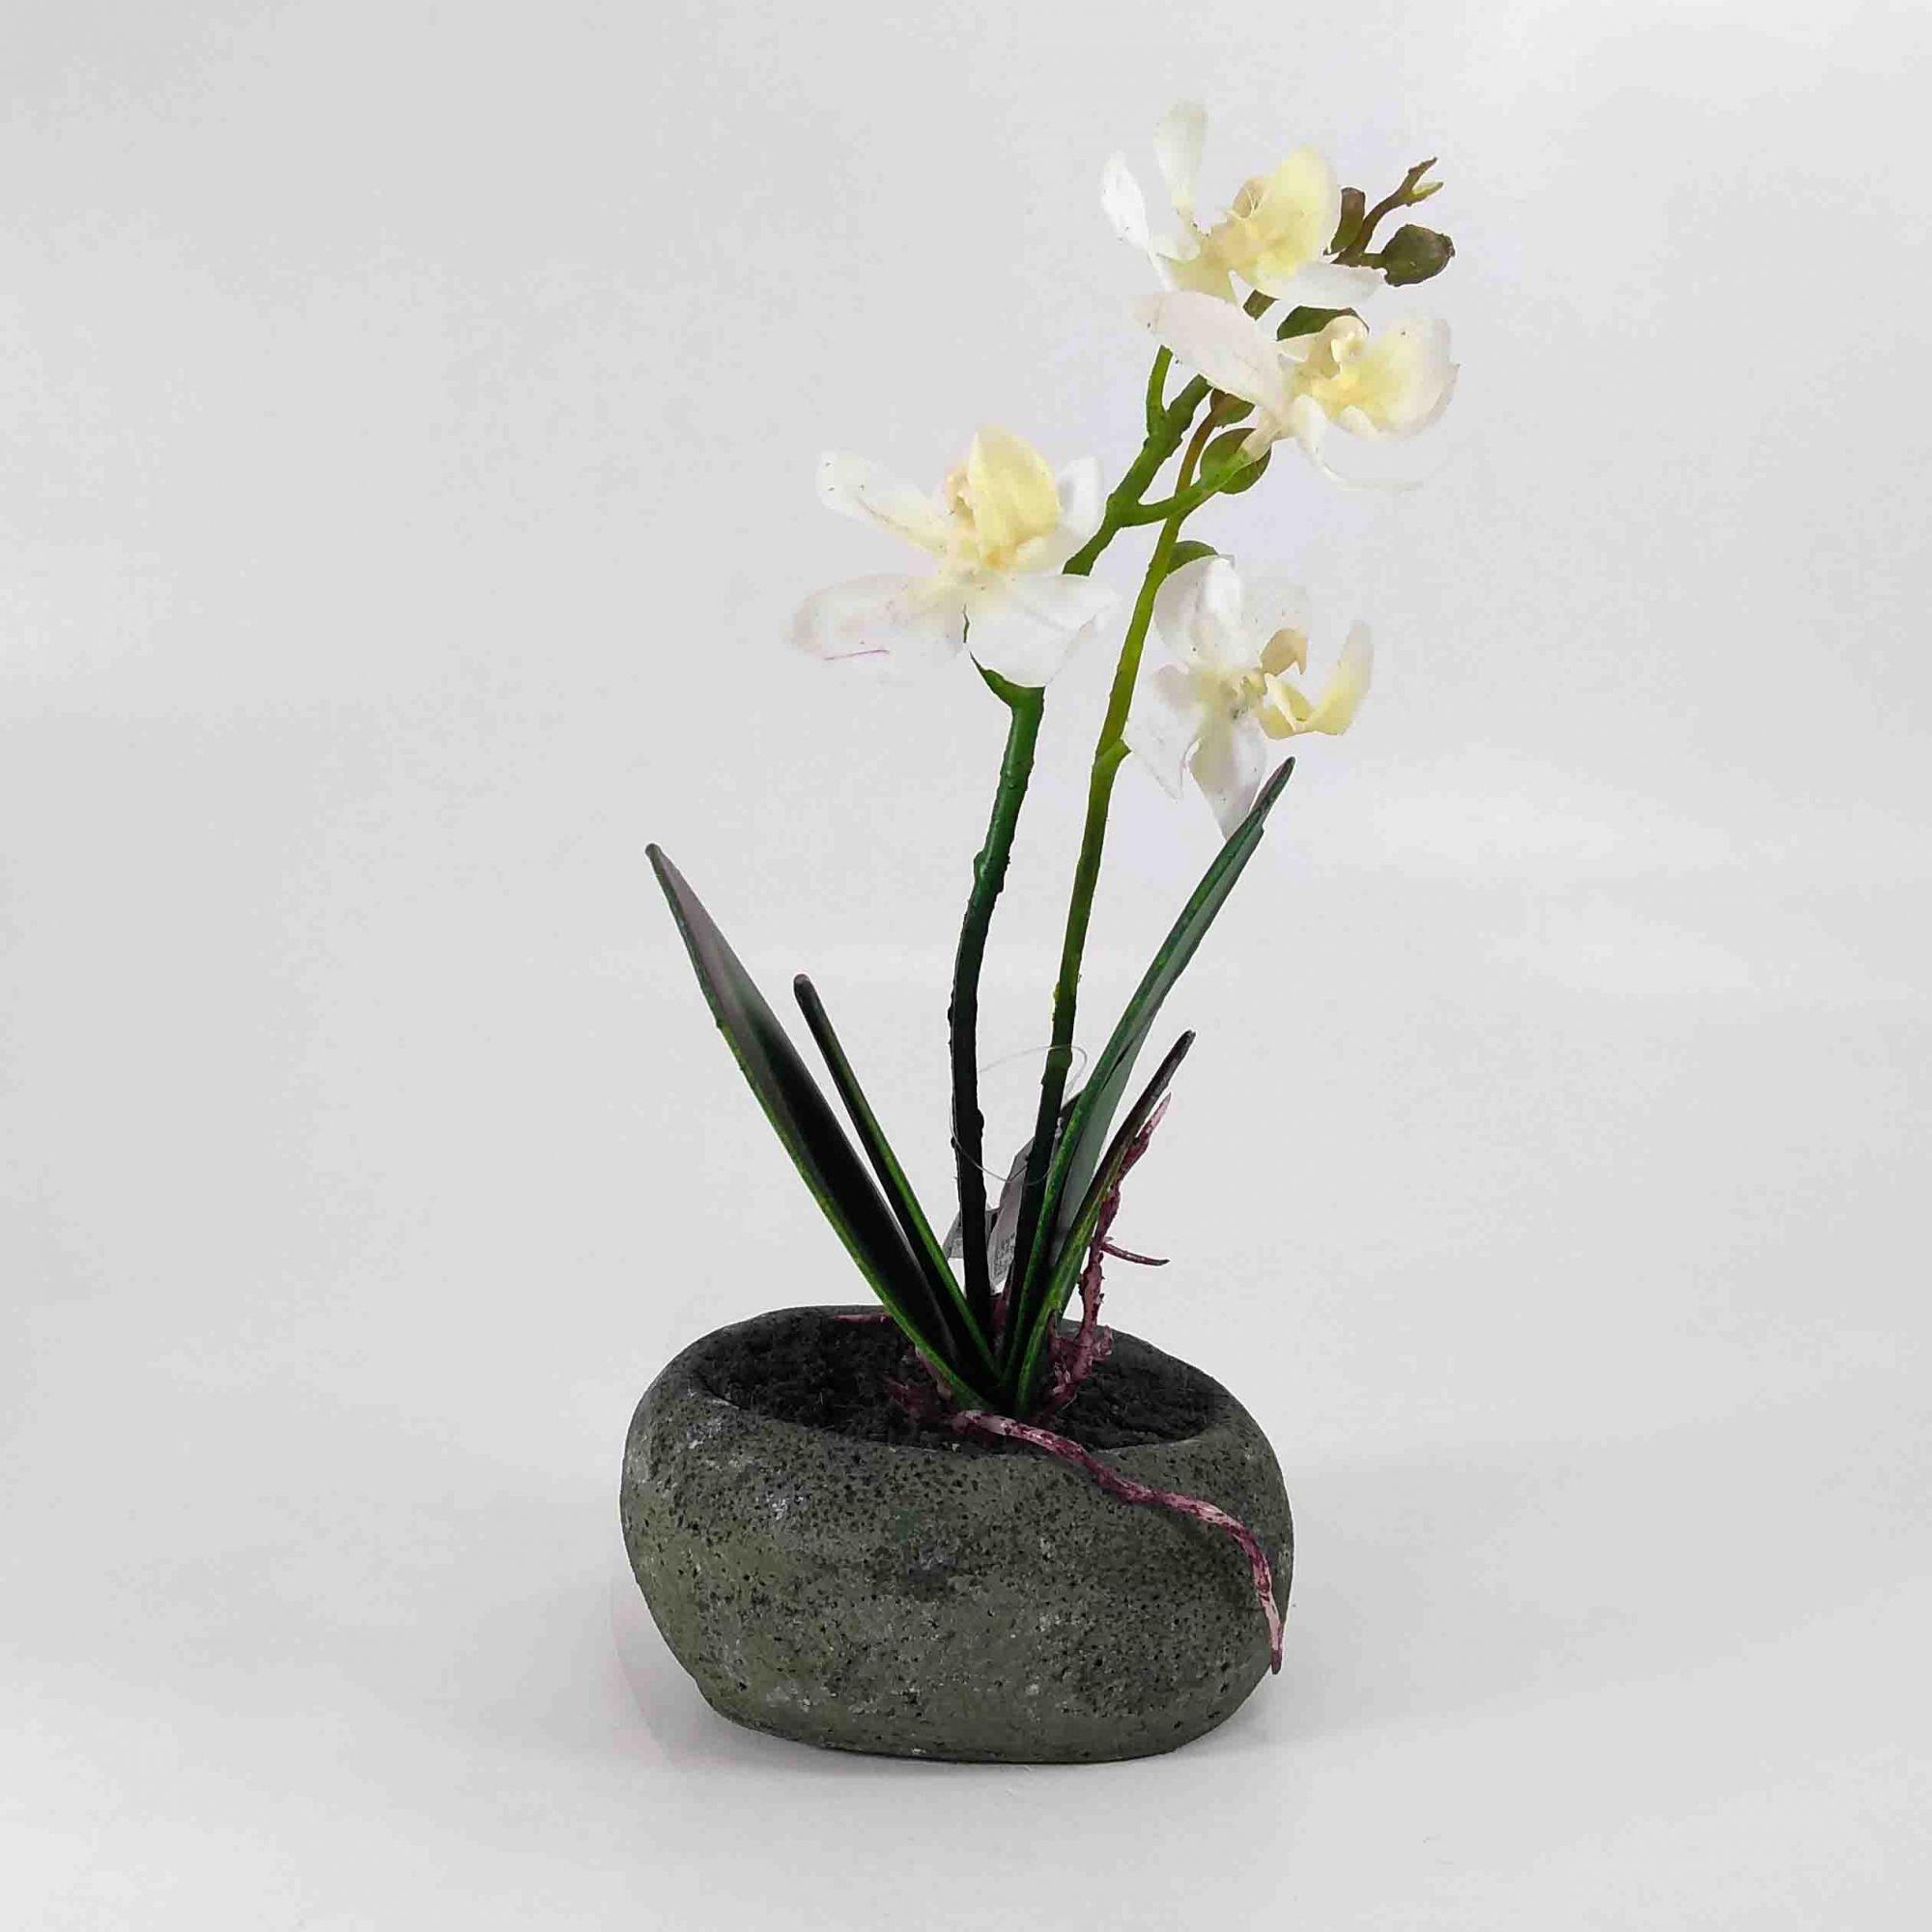 Flor Orquidea Phalaenopsis X40 C/ Vaso Cor Branca Artificial Permanente 25CM 36680-001